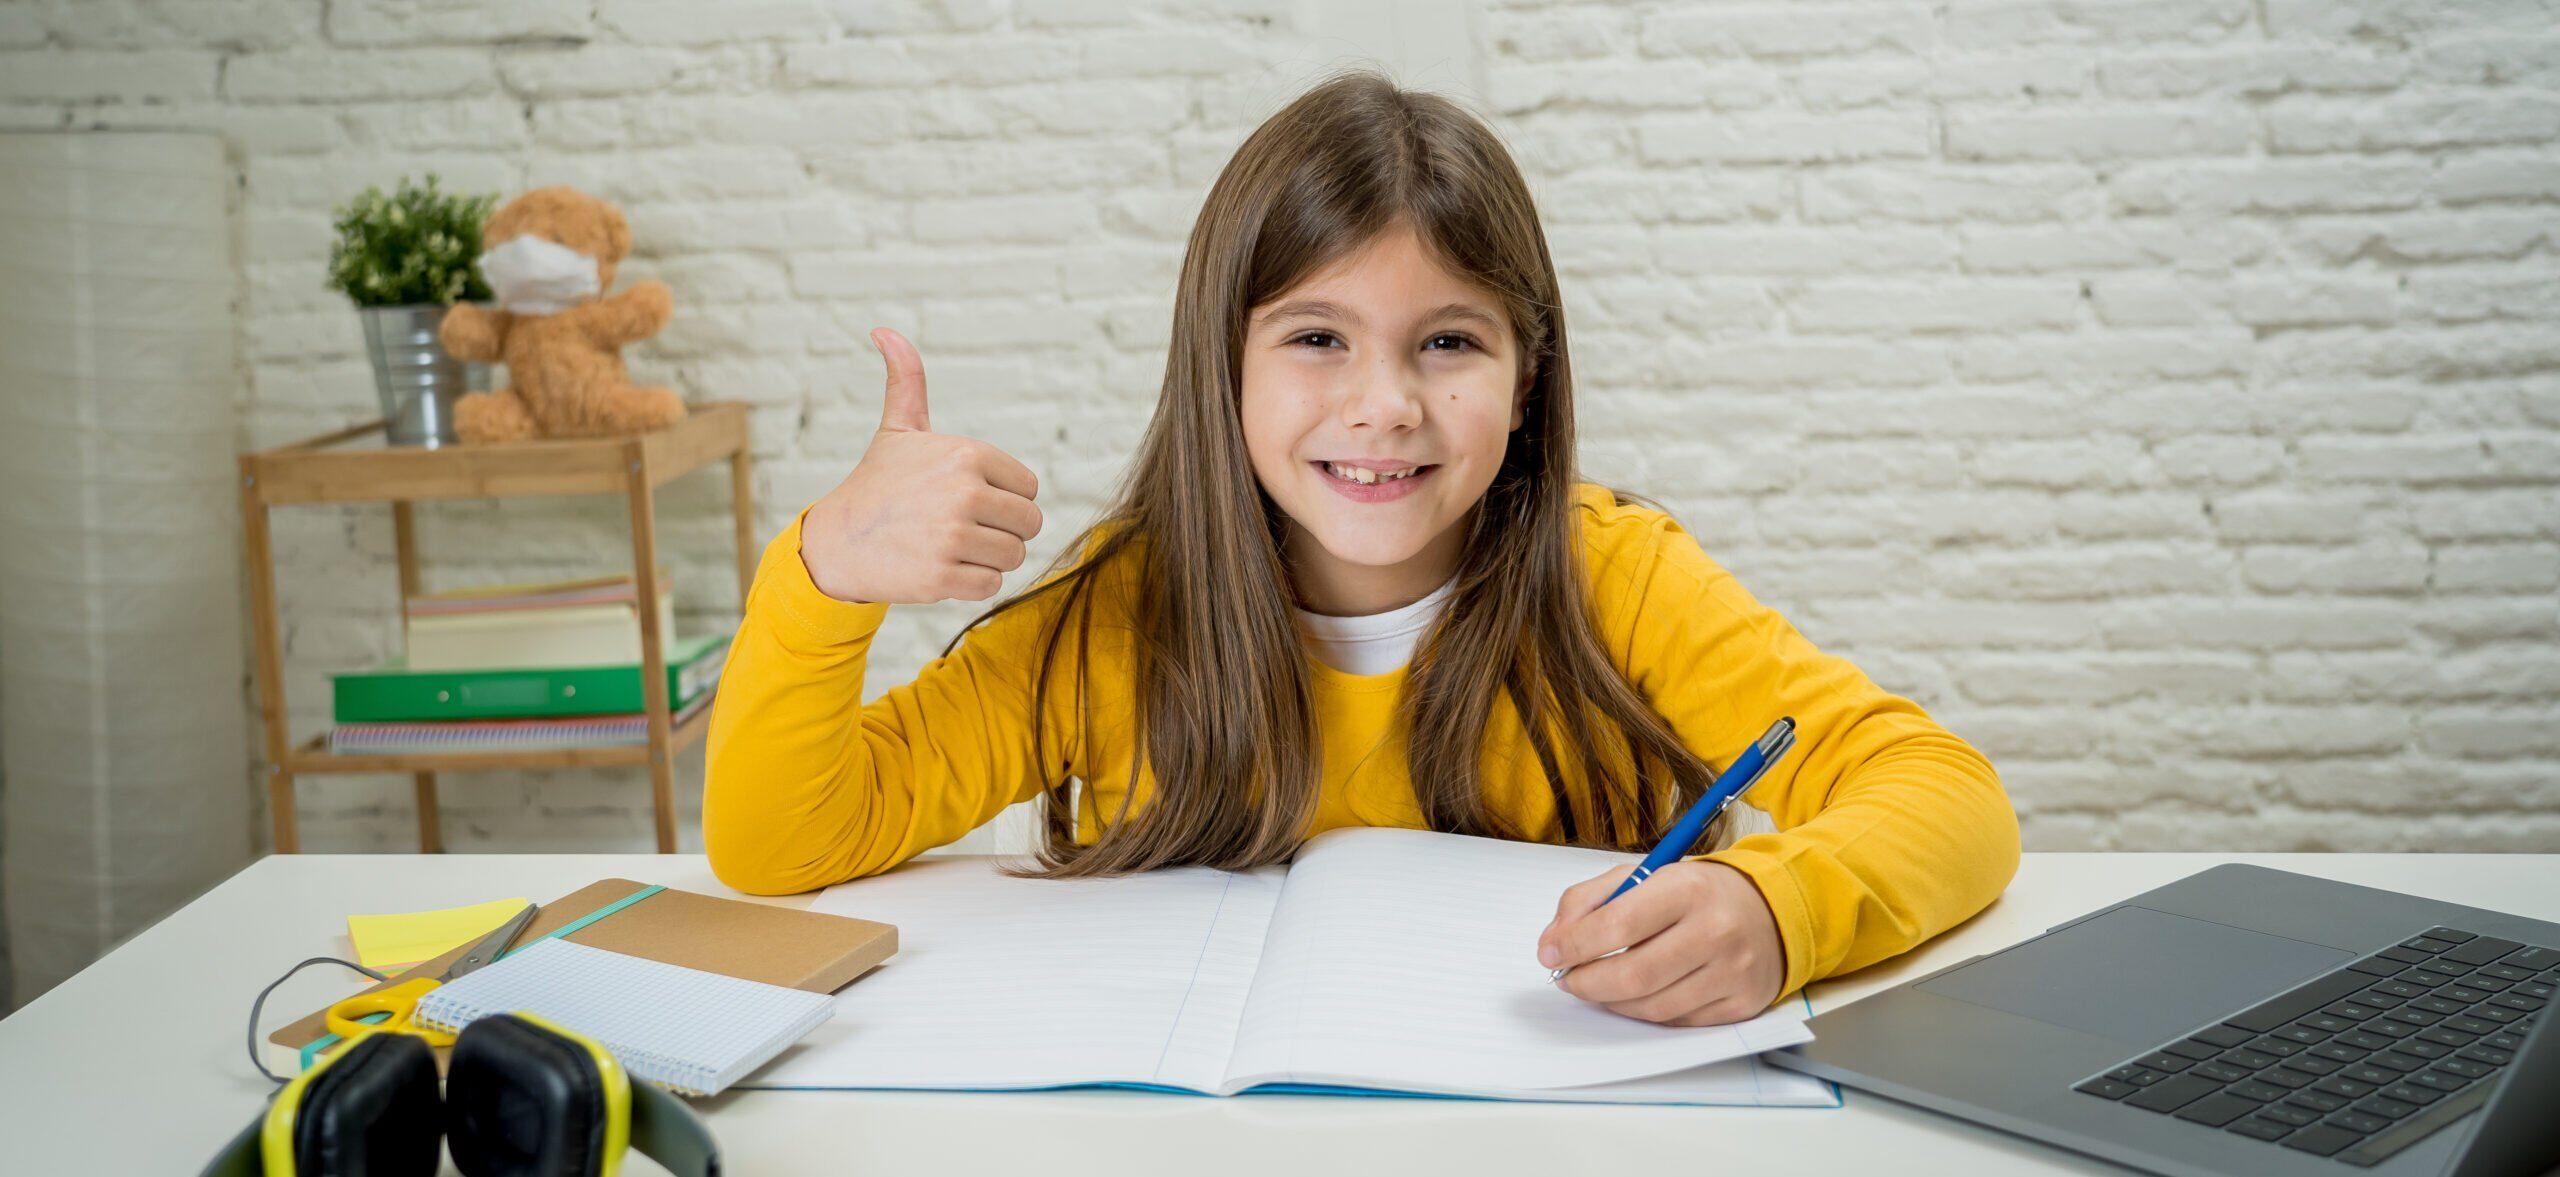 DSA E STUDIO L'intervento Logopedico tra abilità linguistiche, processi cognitivi e competenze compensative